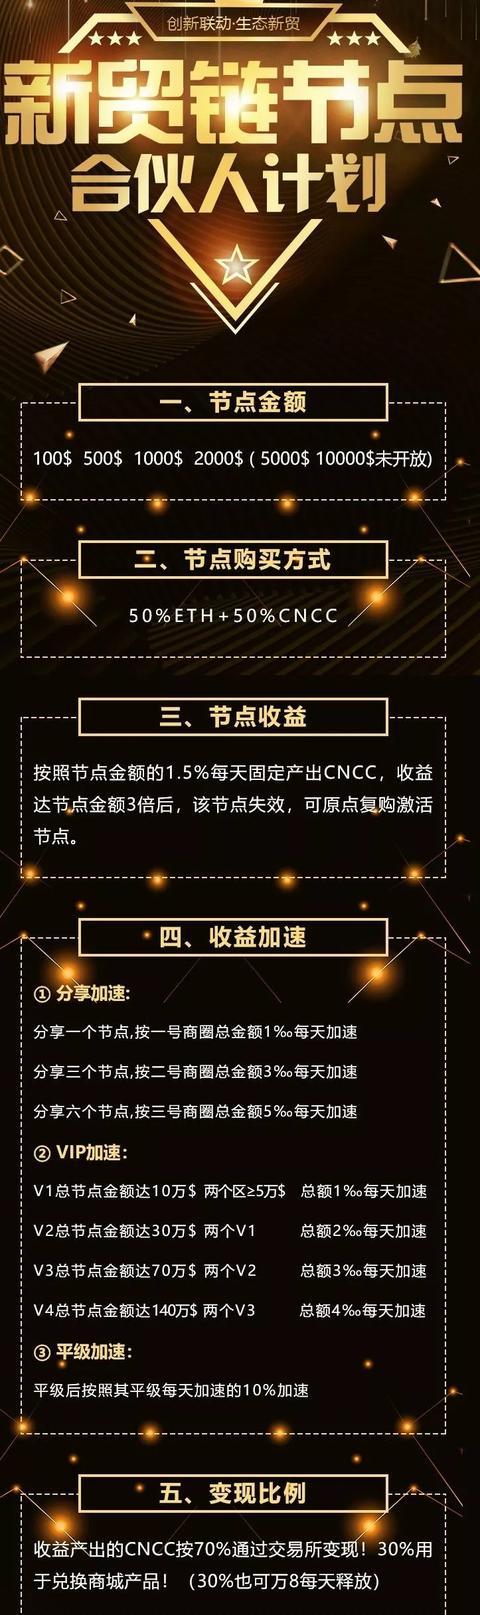 新贸链CNCC,是怎么骗到这么多人的?